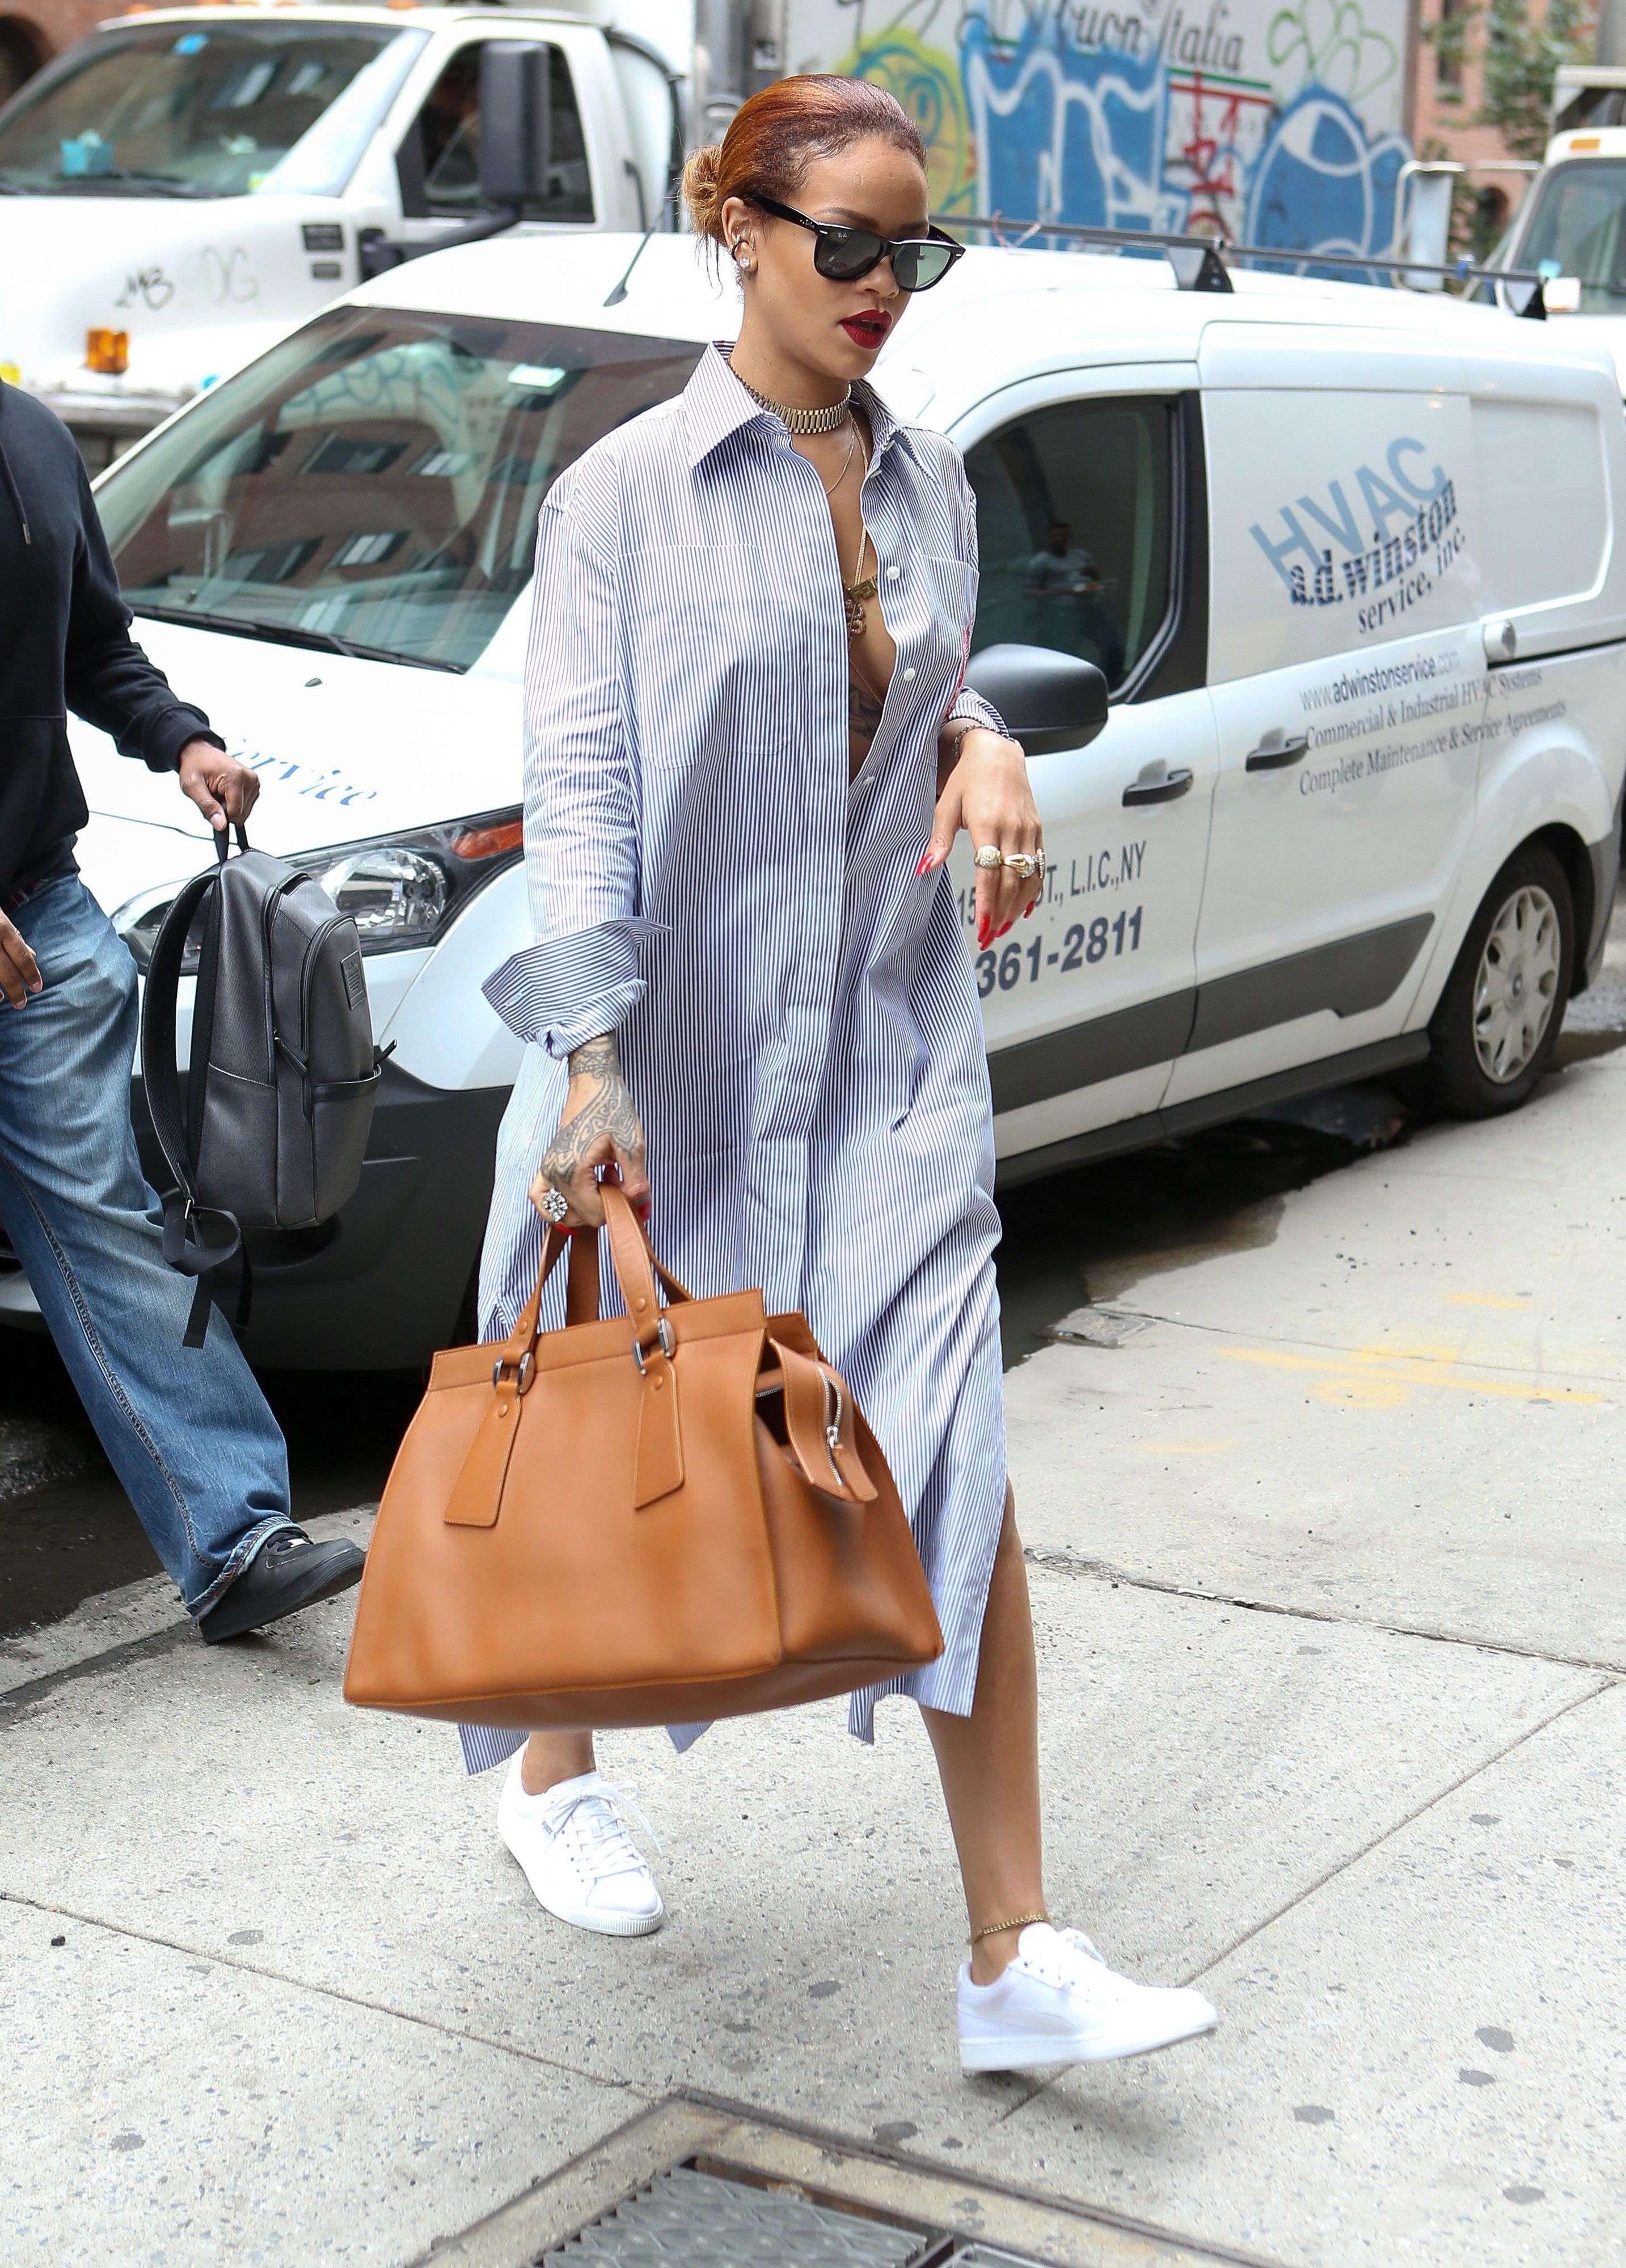 Mặc đẹp cho dáng người quả lê như Rihanna với đầm sơ mi kẻ sọc